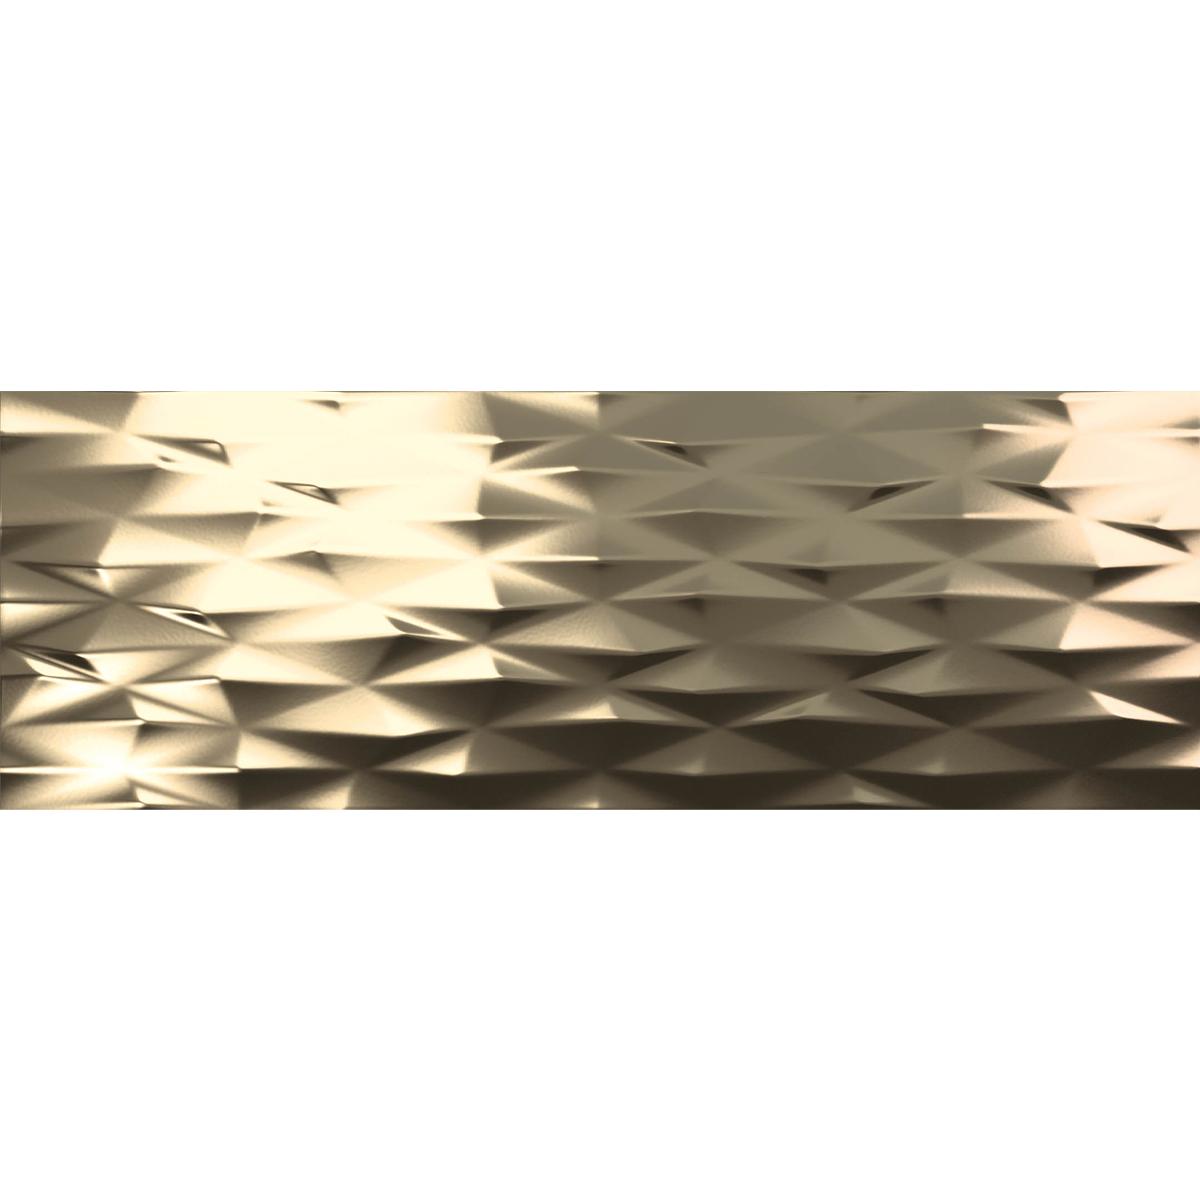 D00271 DECOR PRISMA GOLD MATTE13X36 PP1